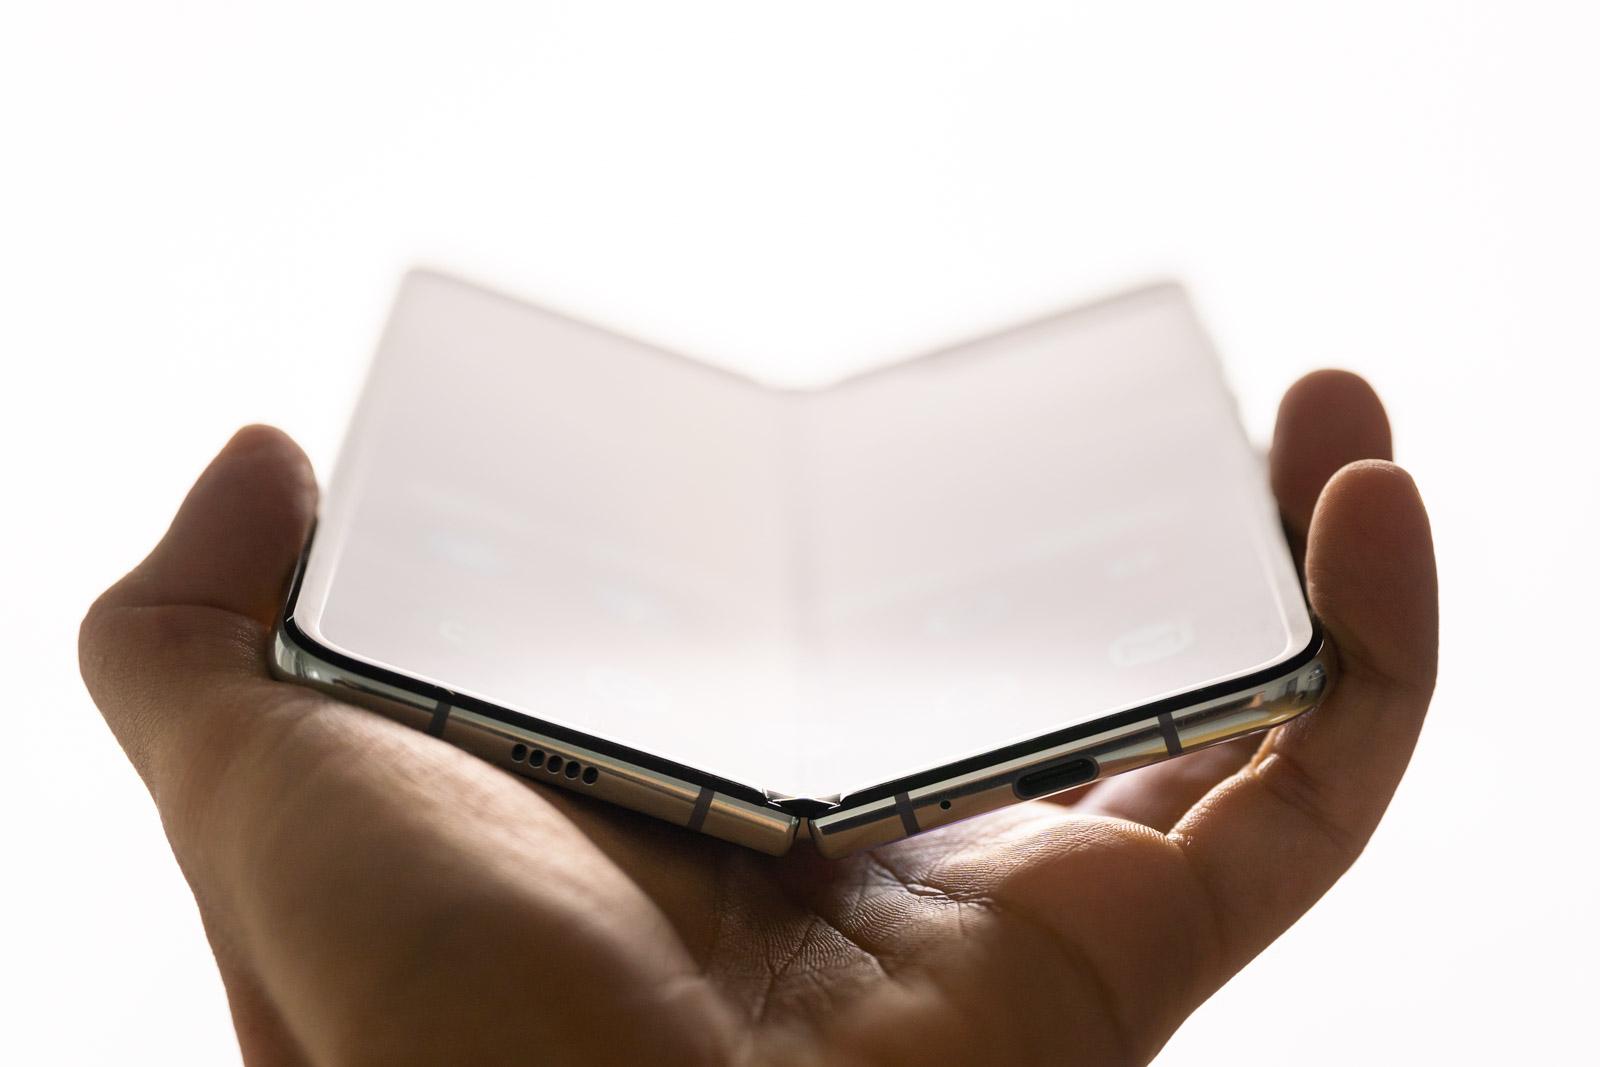 Jak żyć z Samsungiem Galaxy Fold? Oto 5 największych wad i zalet